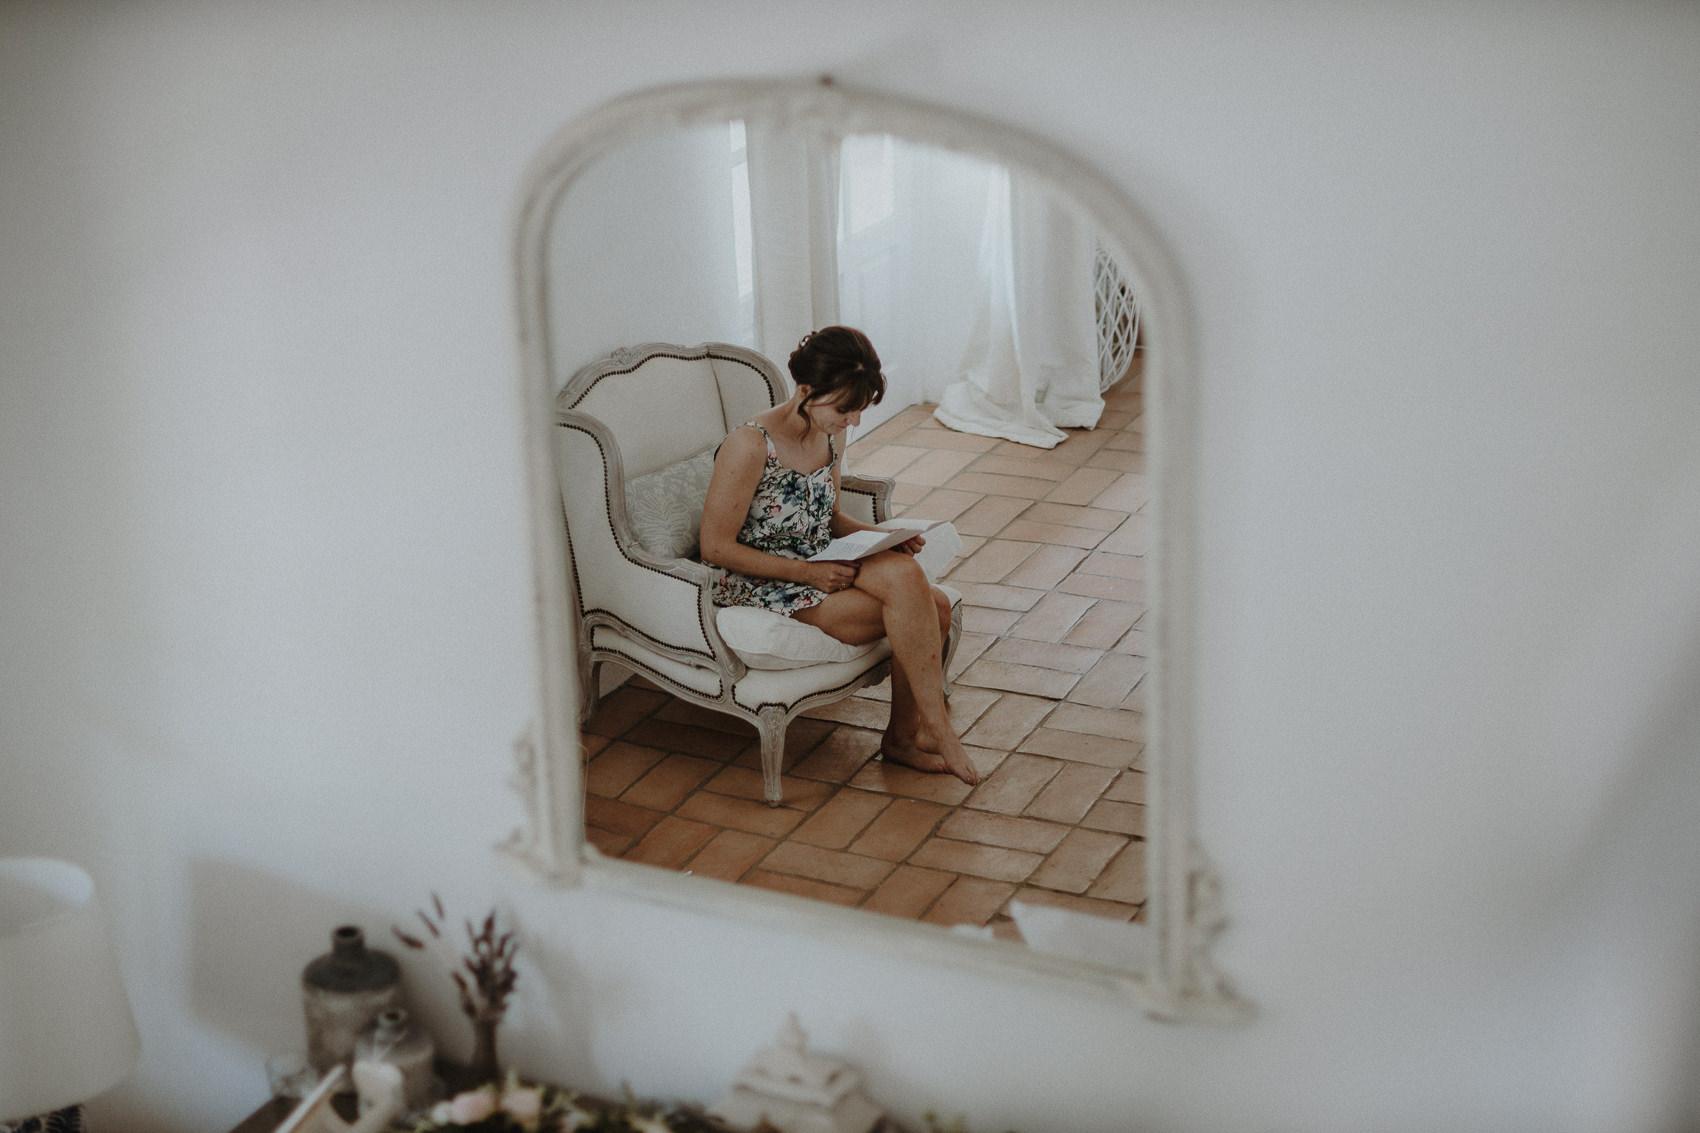 Sarah & Bill | Summer wedding at Cortijo Rosa Blanca | Marbella - Spain 28